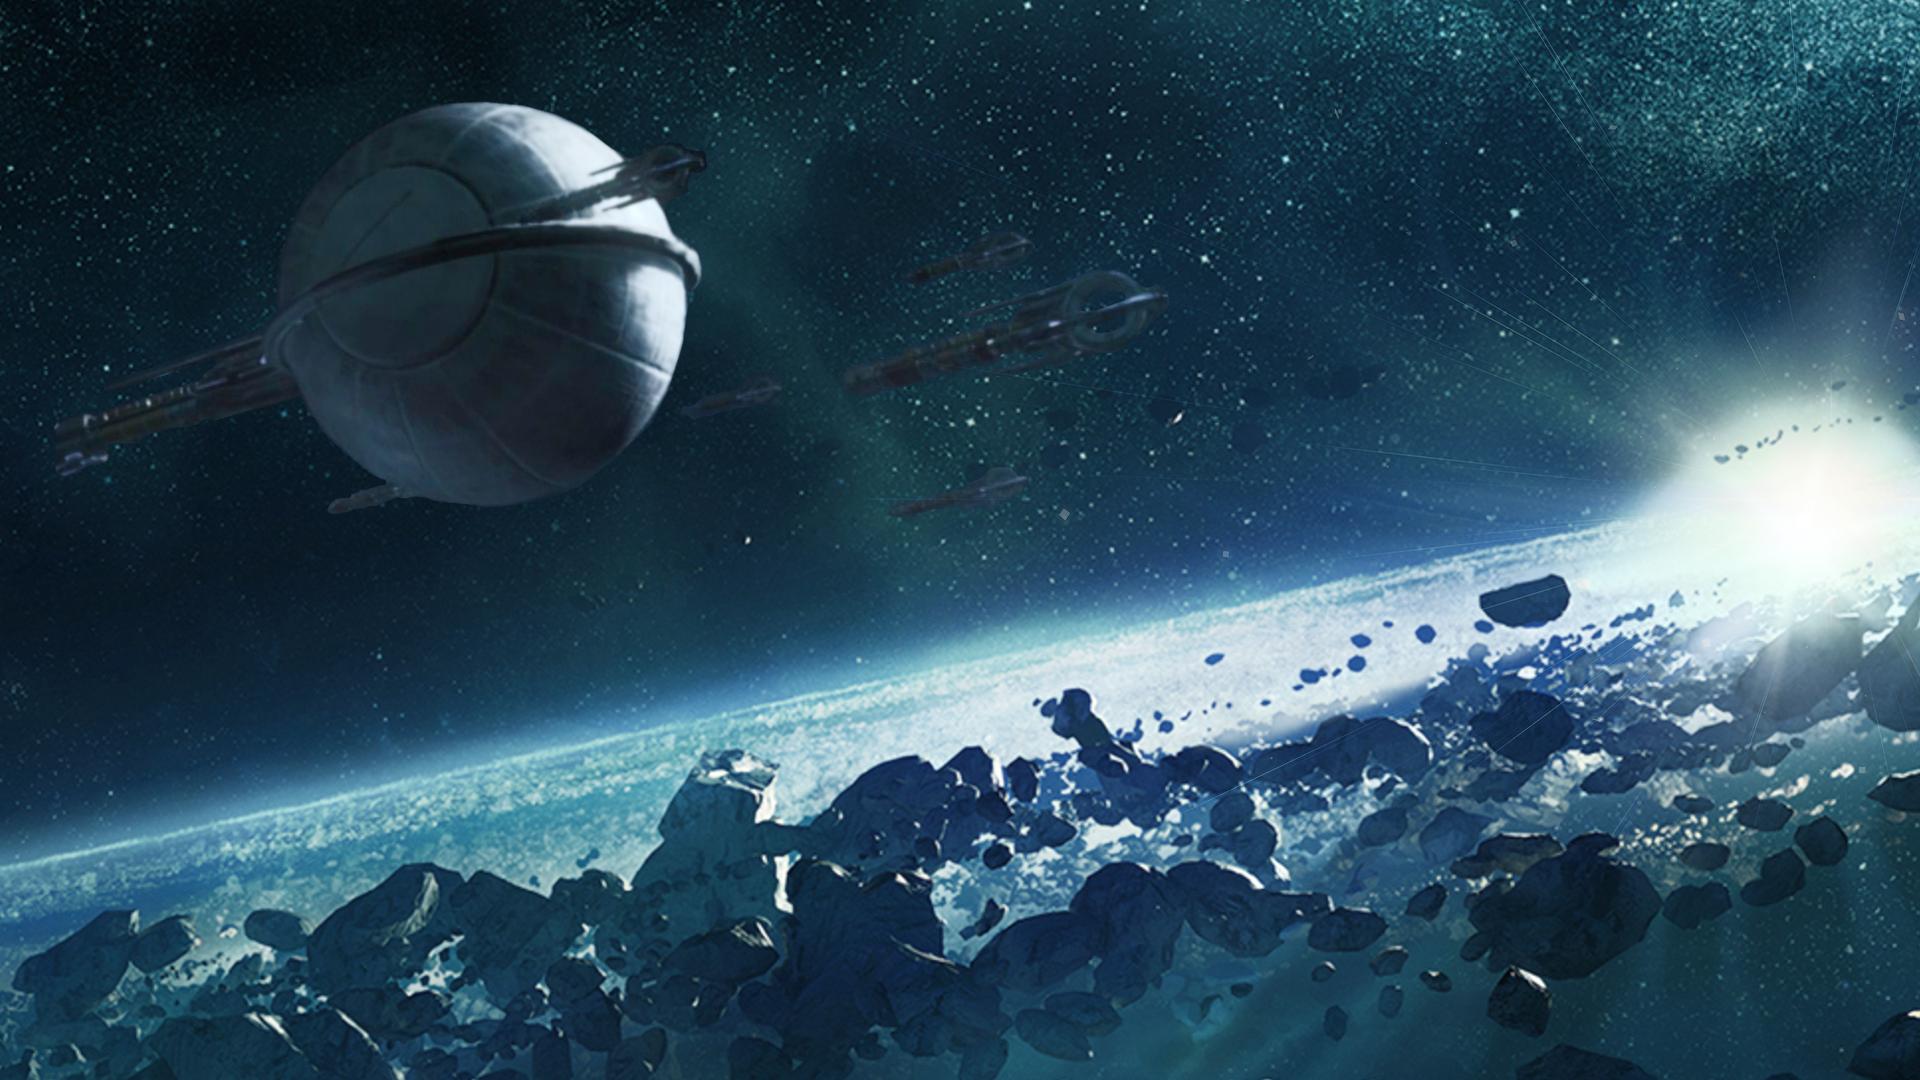 1920x1080px Mass Effect 2 Wallpaper 1080p Wallpapersafari